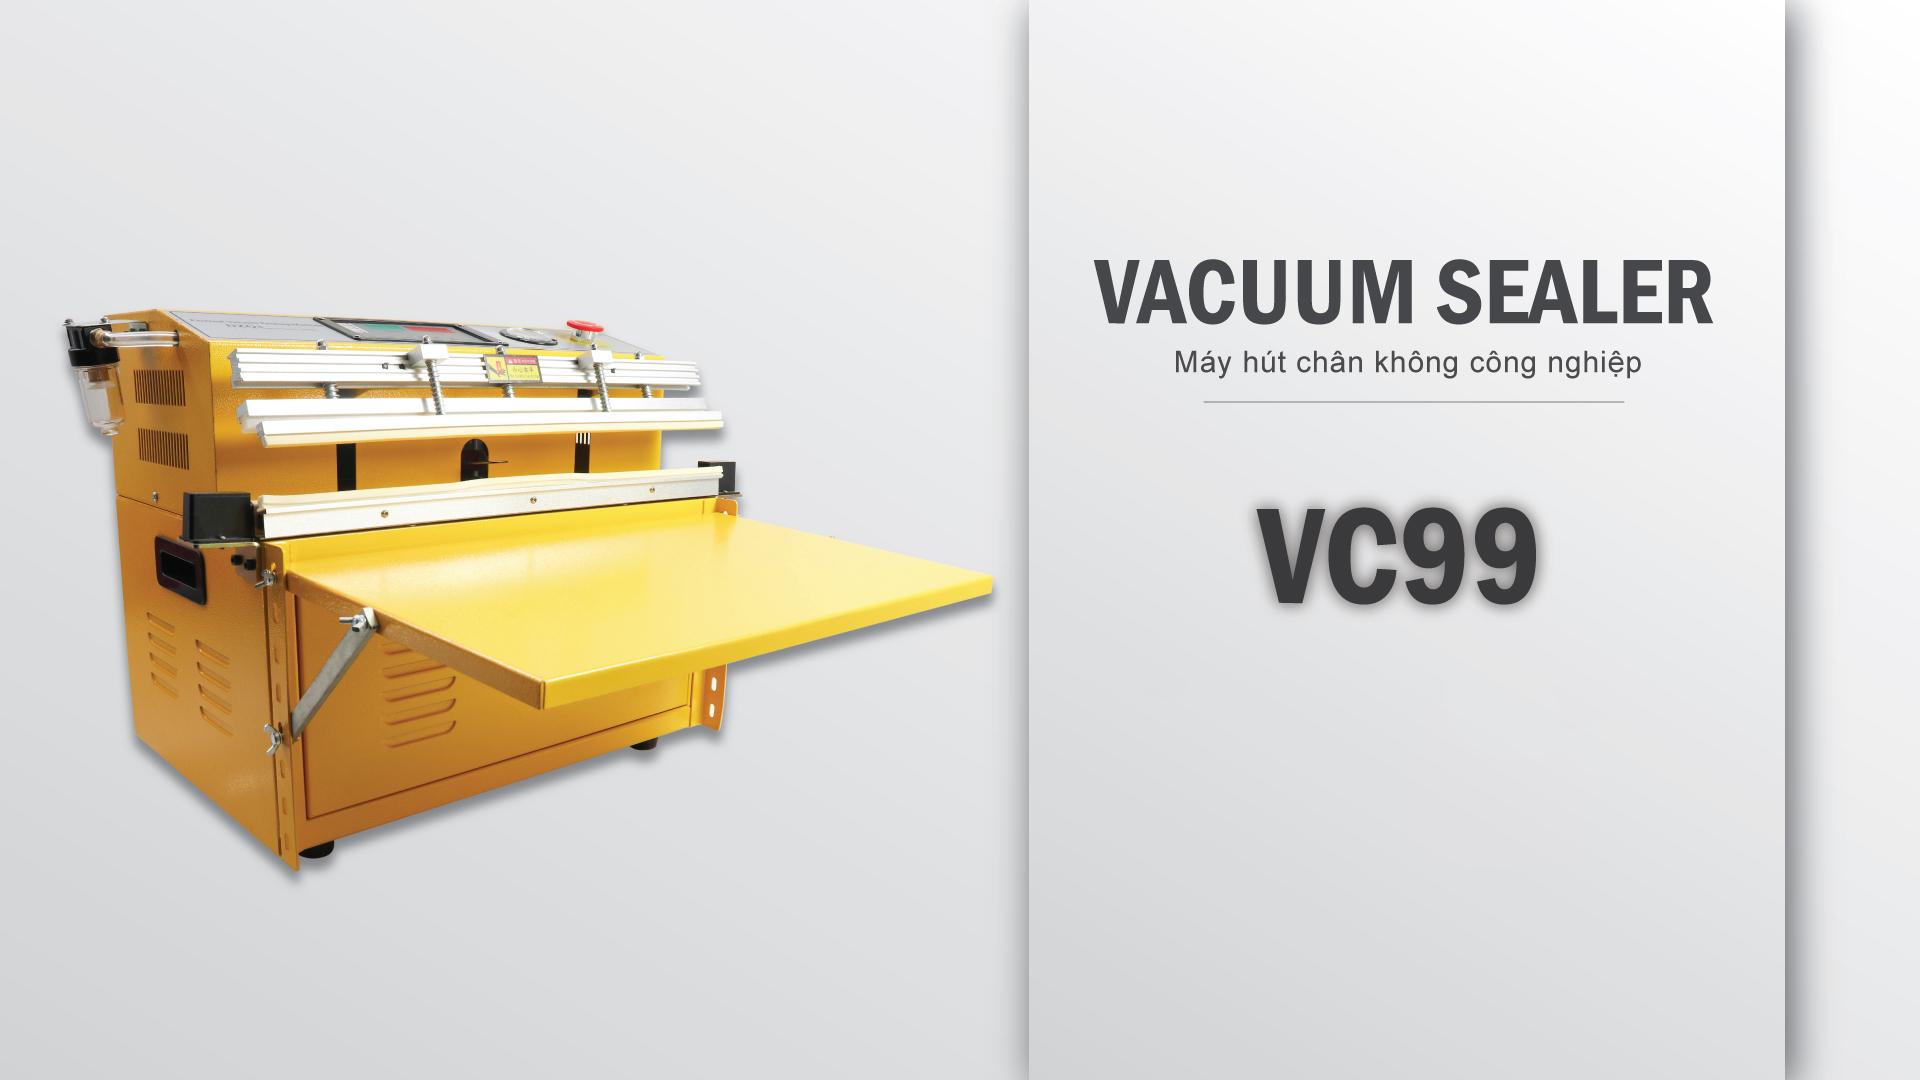 máy hút chân không công nghiệp VC99